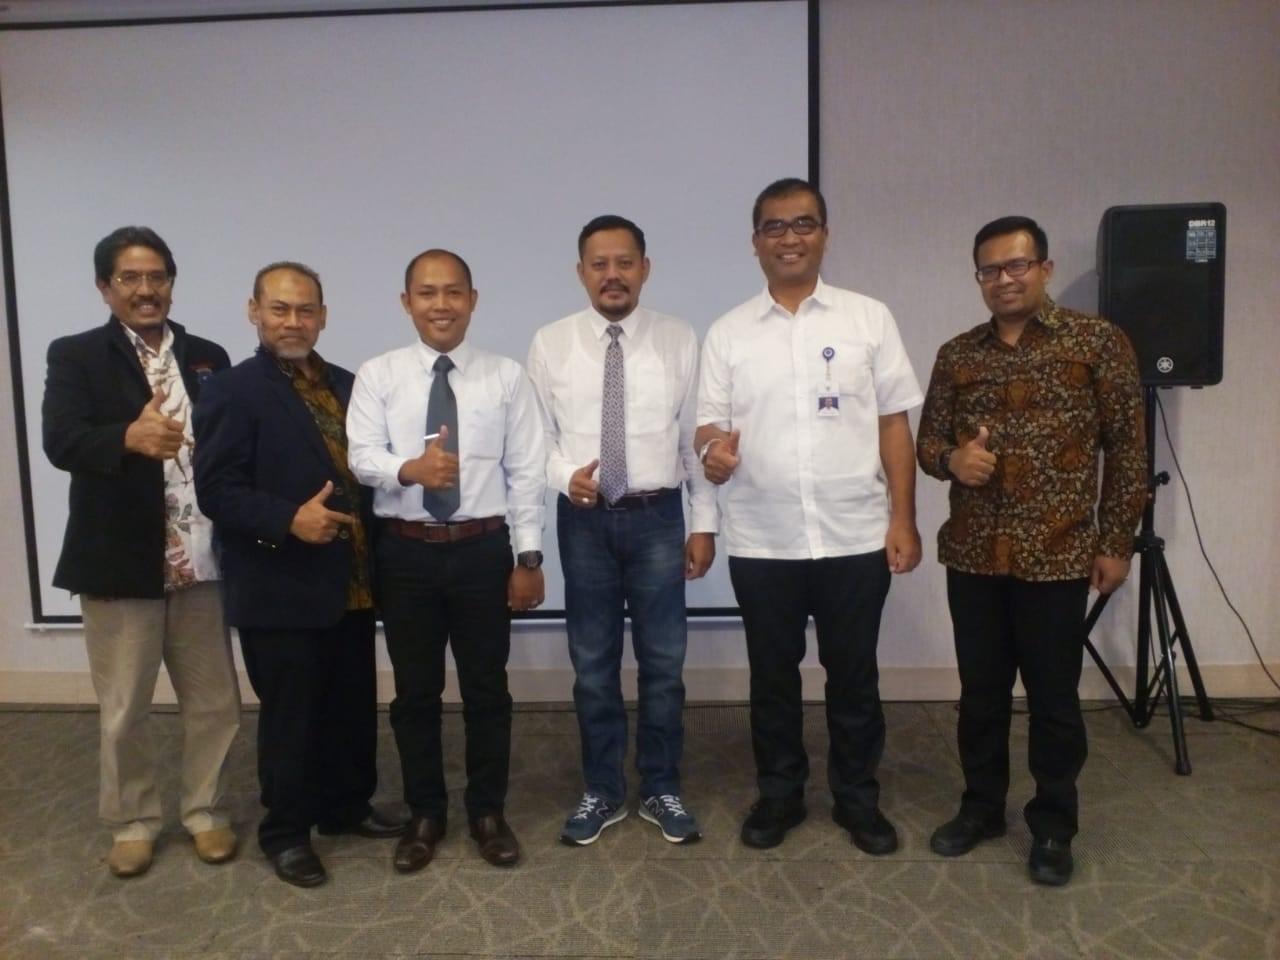 Angkatan Perak Pelatihan Ahli Kepelabuhan Kerjasama PKSPL IPB dan Ditjen Hubla